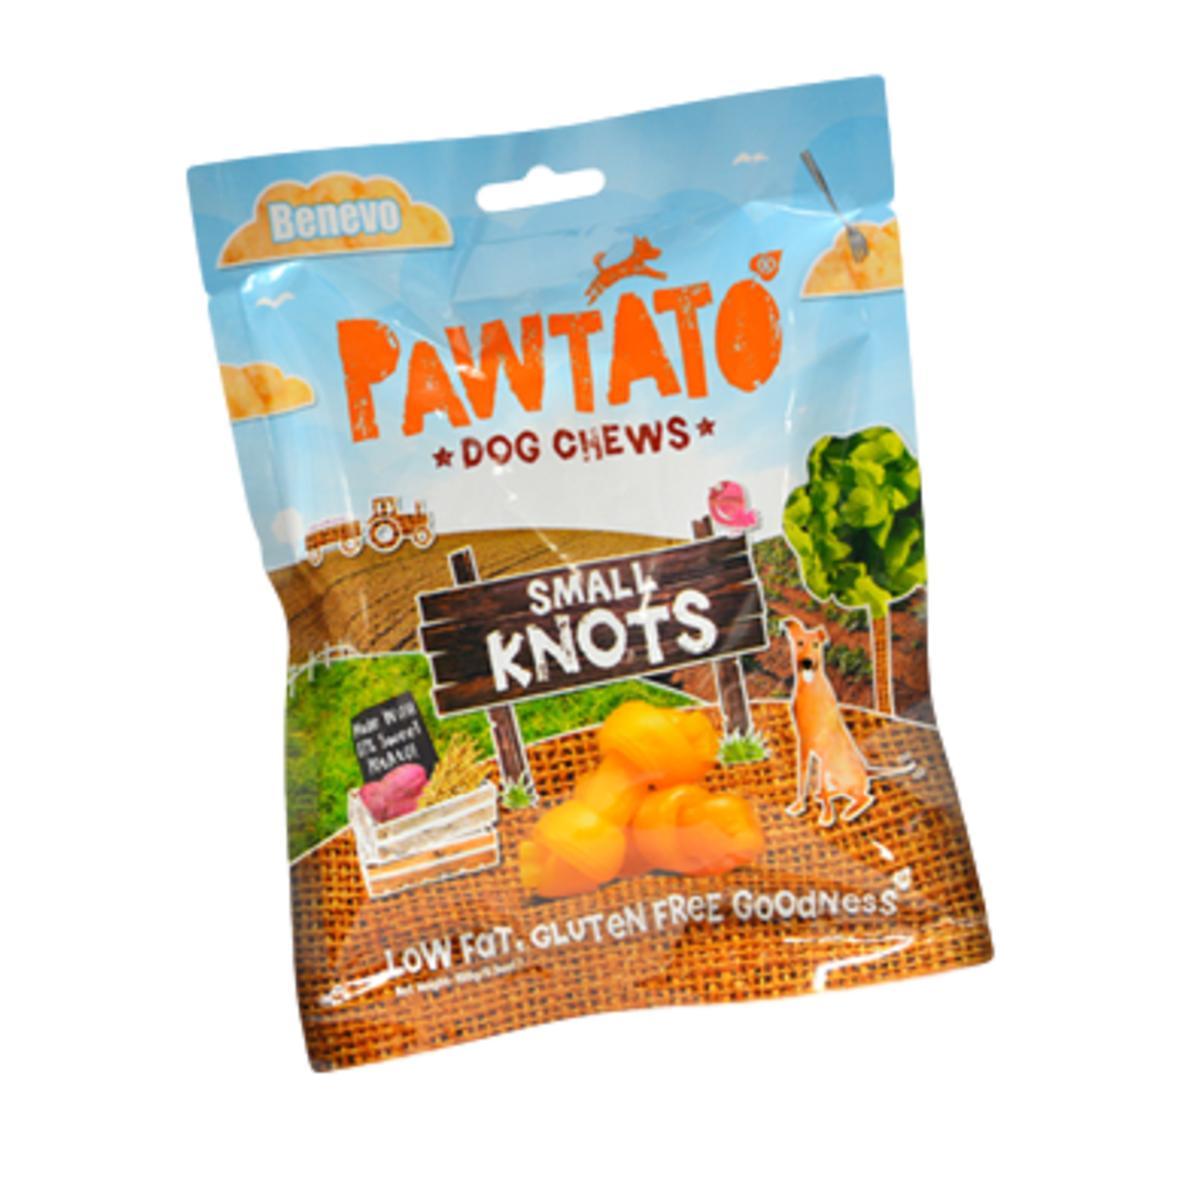 Pawtato Small Knots 150gm (Wheat Gluten Free)